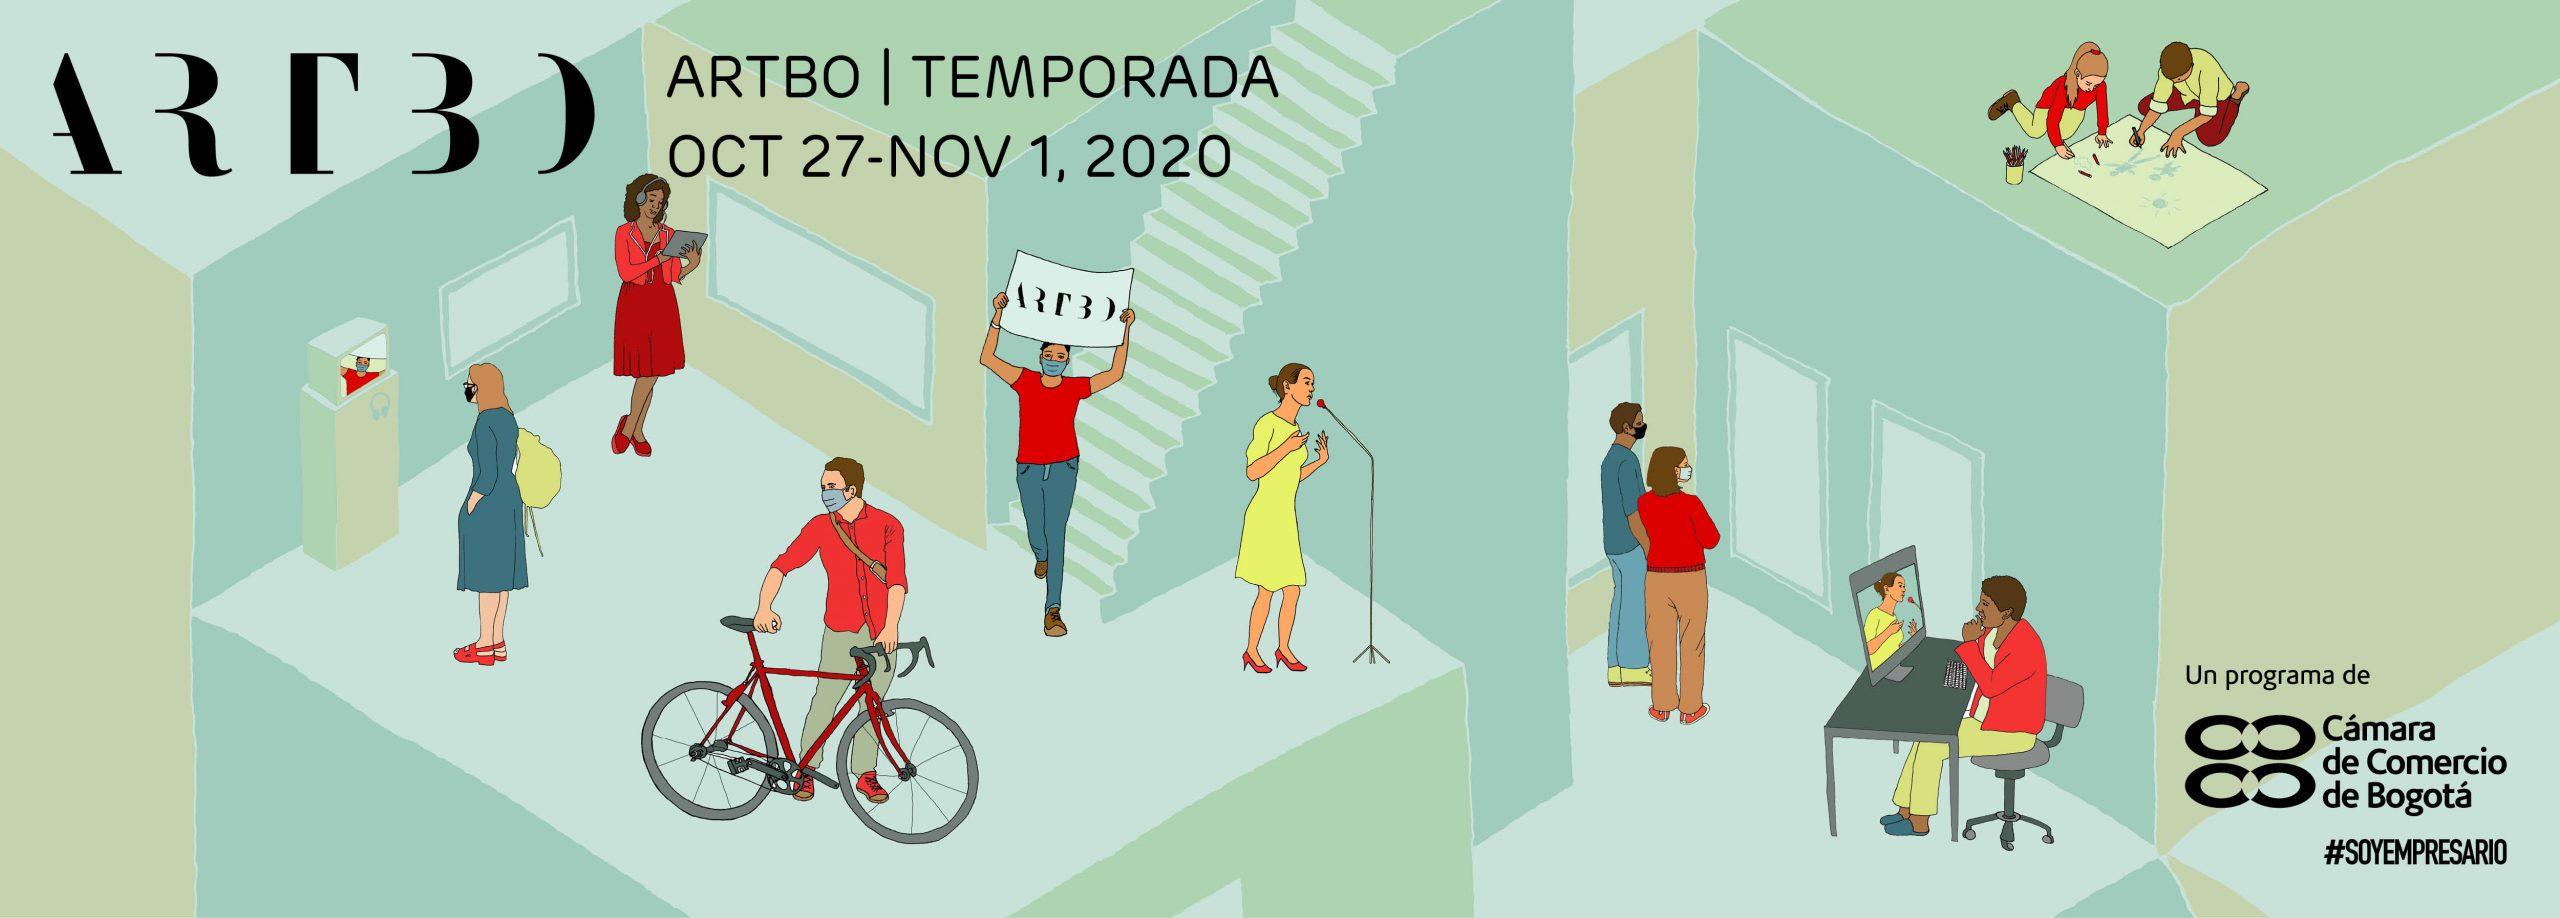 Conozca a los artistas uniandinos que participan en Artecámara de Artbo 2020